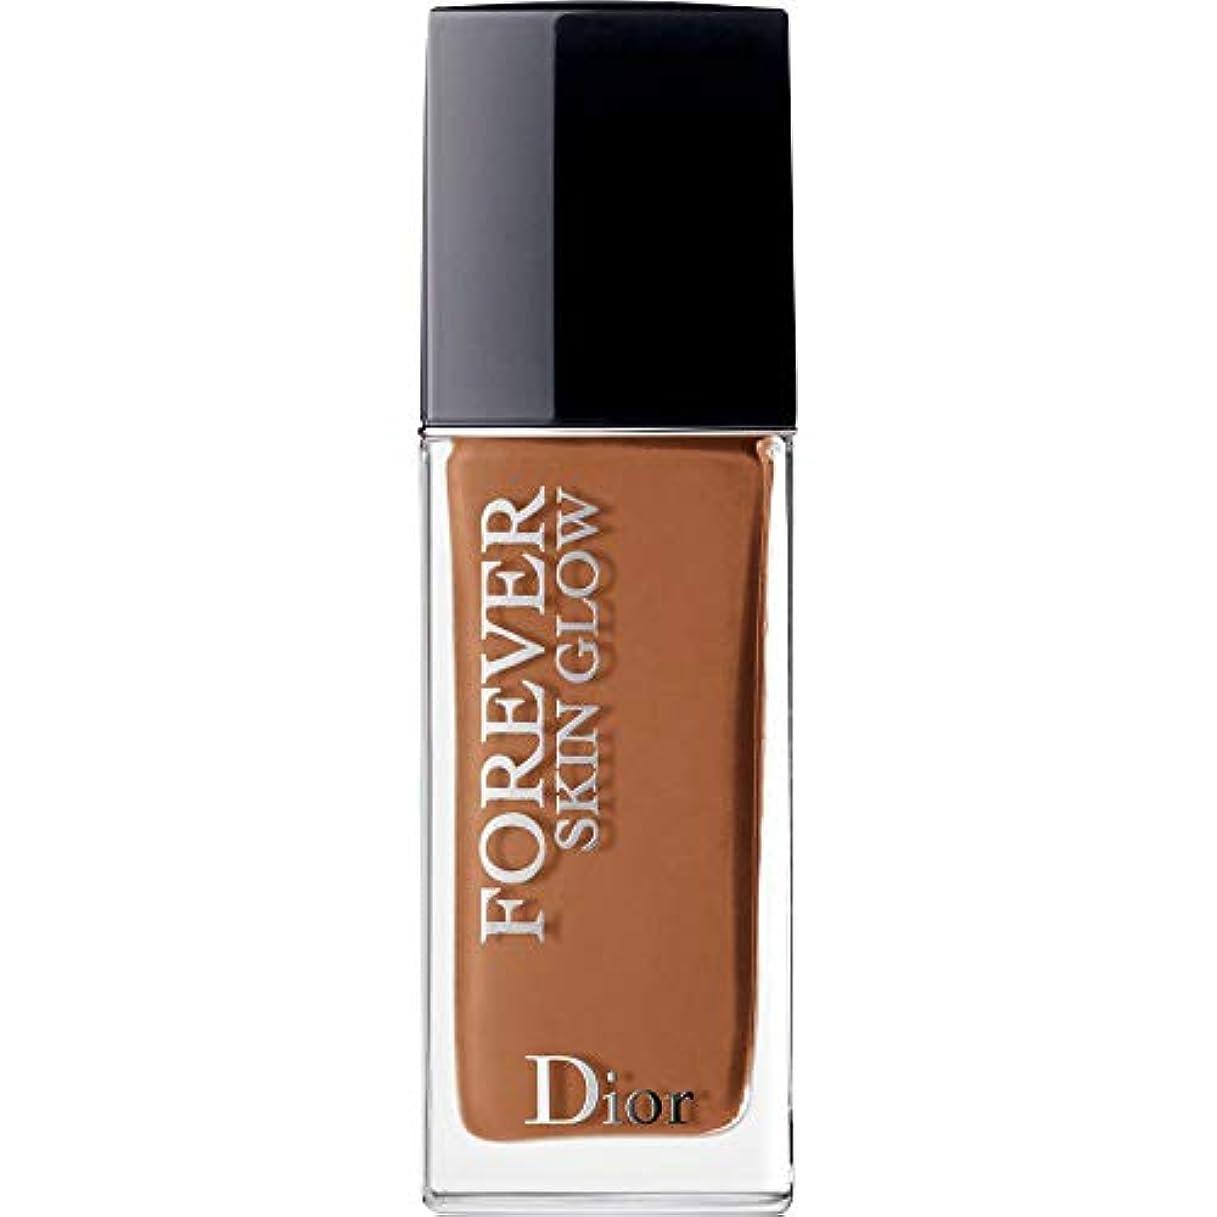 批判成果論争[Dior ] ディオール永遠に皮膚グロー皮膚思いやりの基礎Spf35 30ミリリットルの6N - ニュートラル(肌の輝き) - DIOR Forever Skin Glow Skin-Caring Foundation...